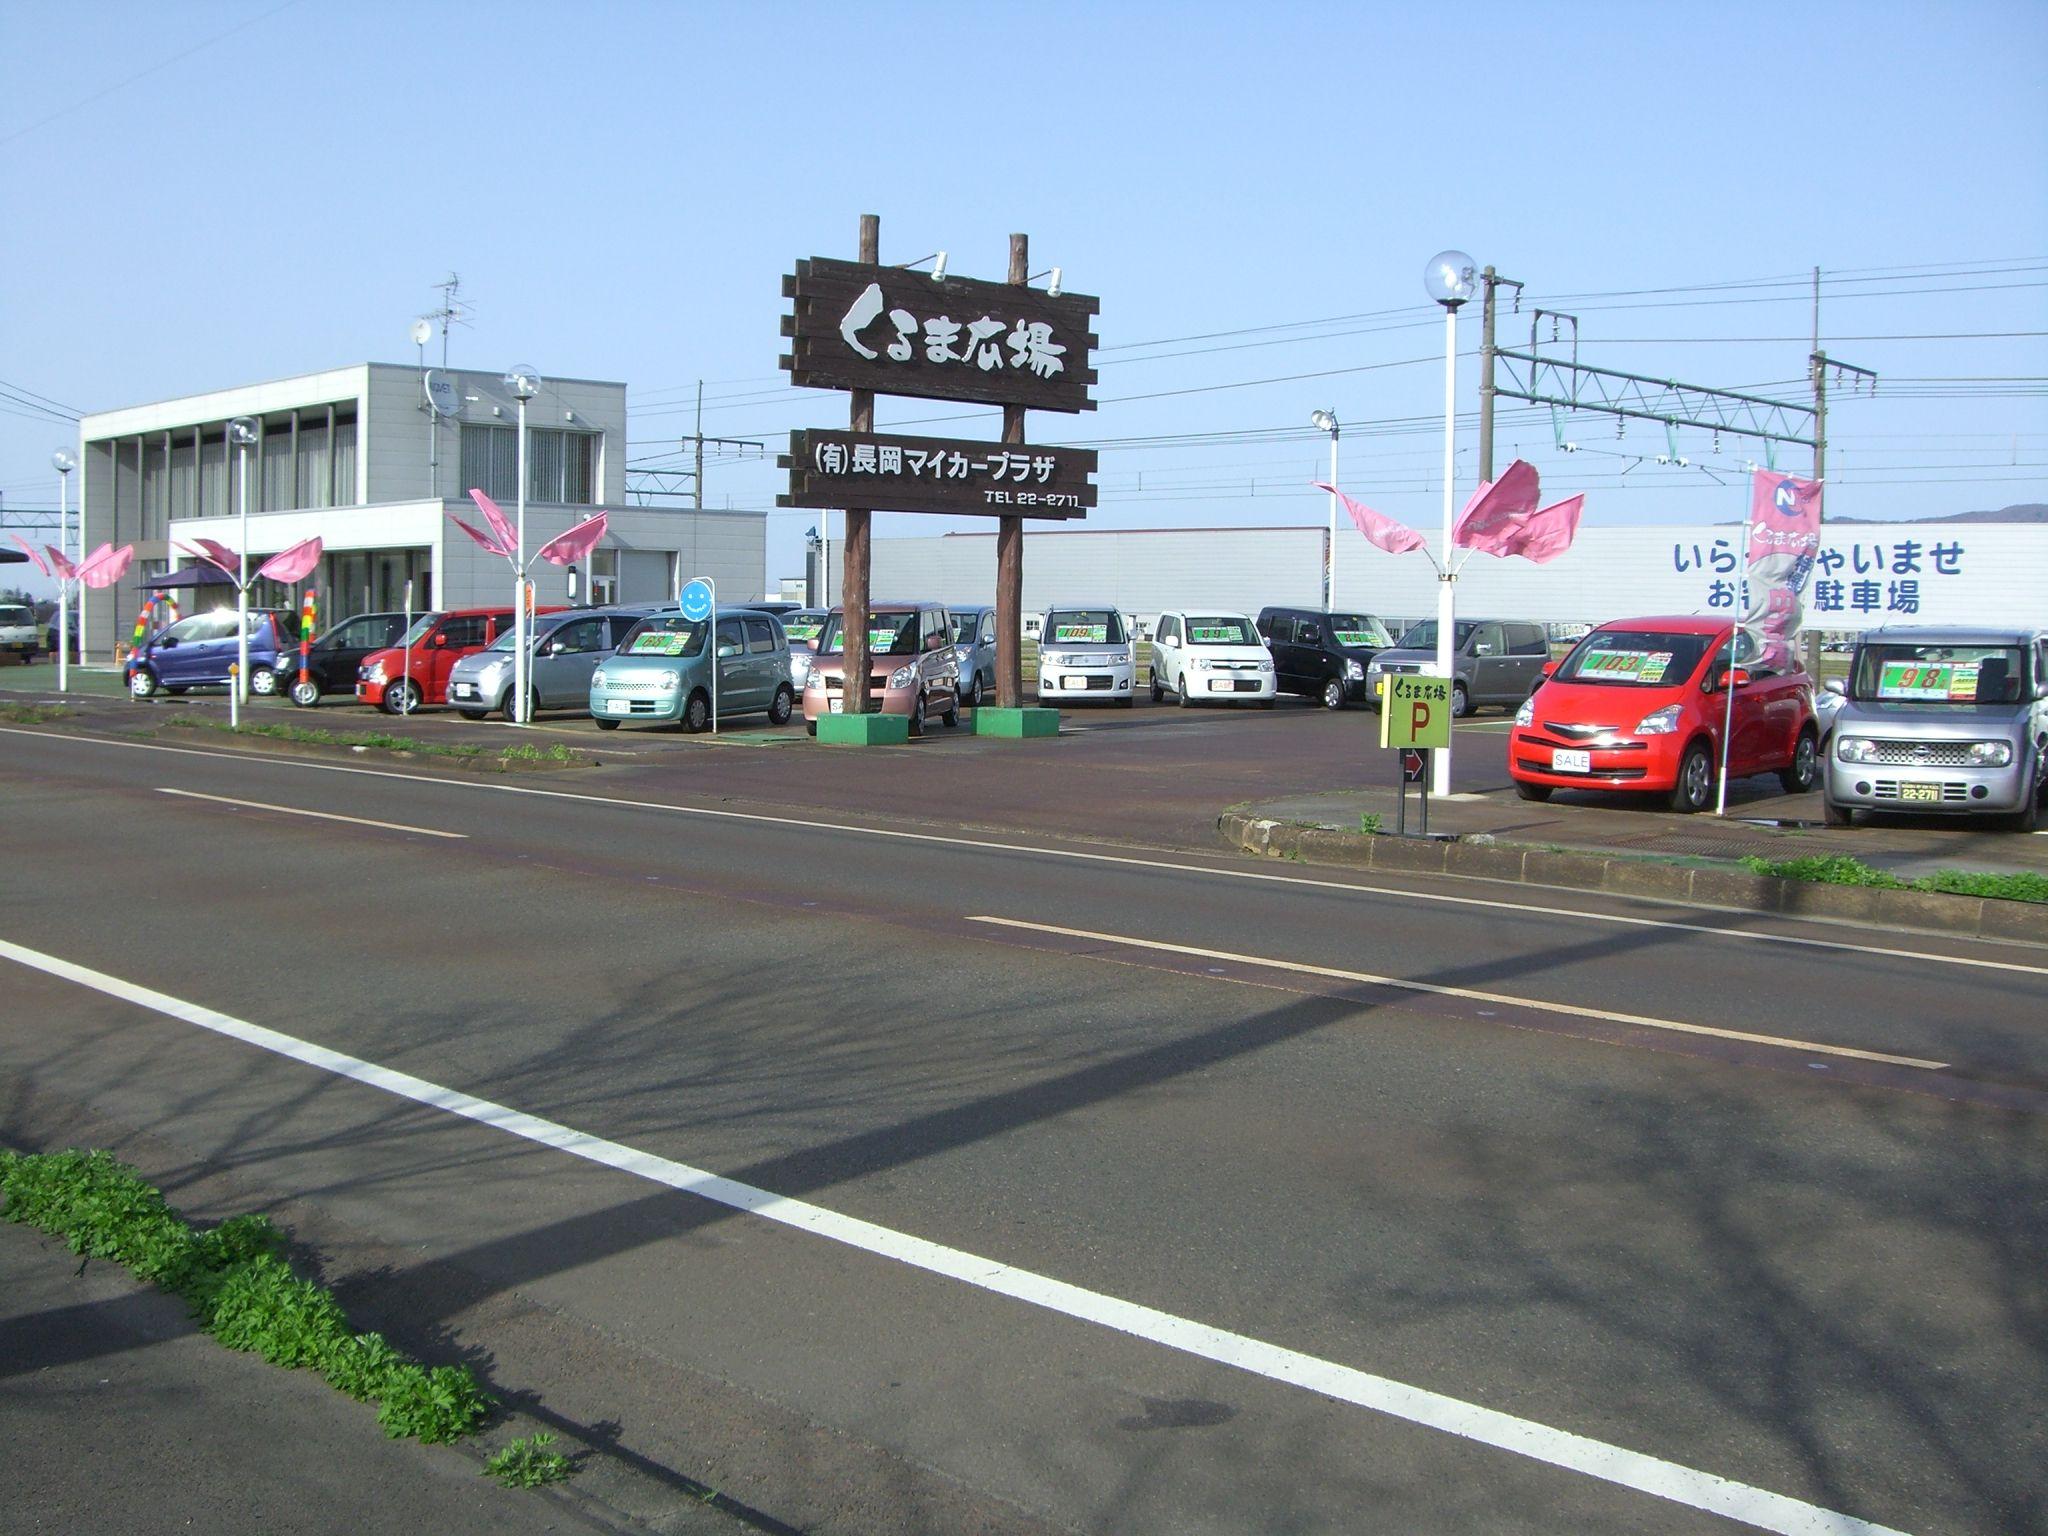 長岡マイカープラザ くるま広場